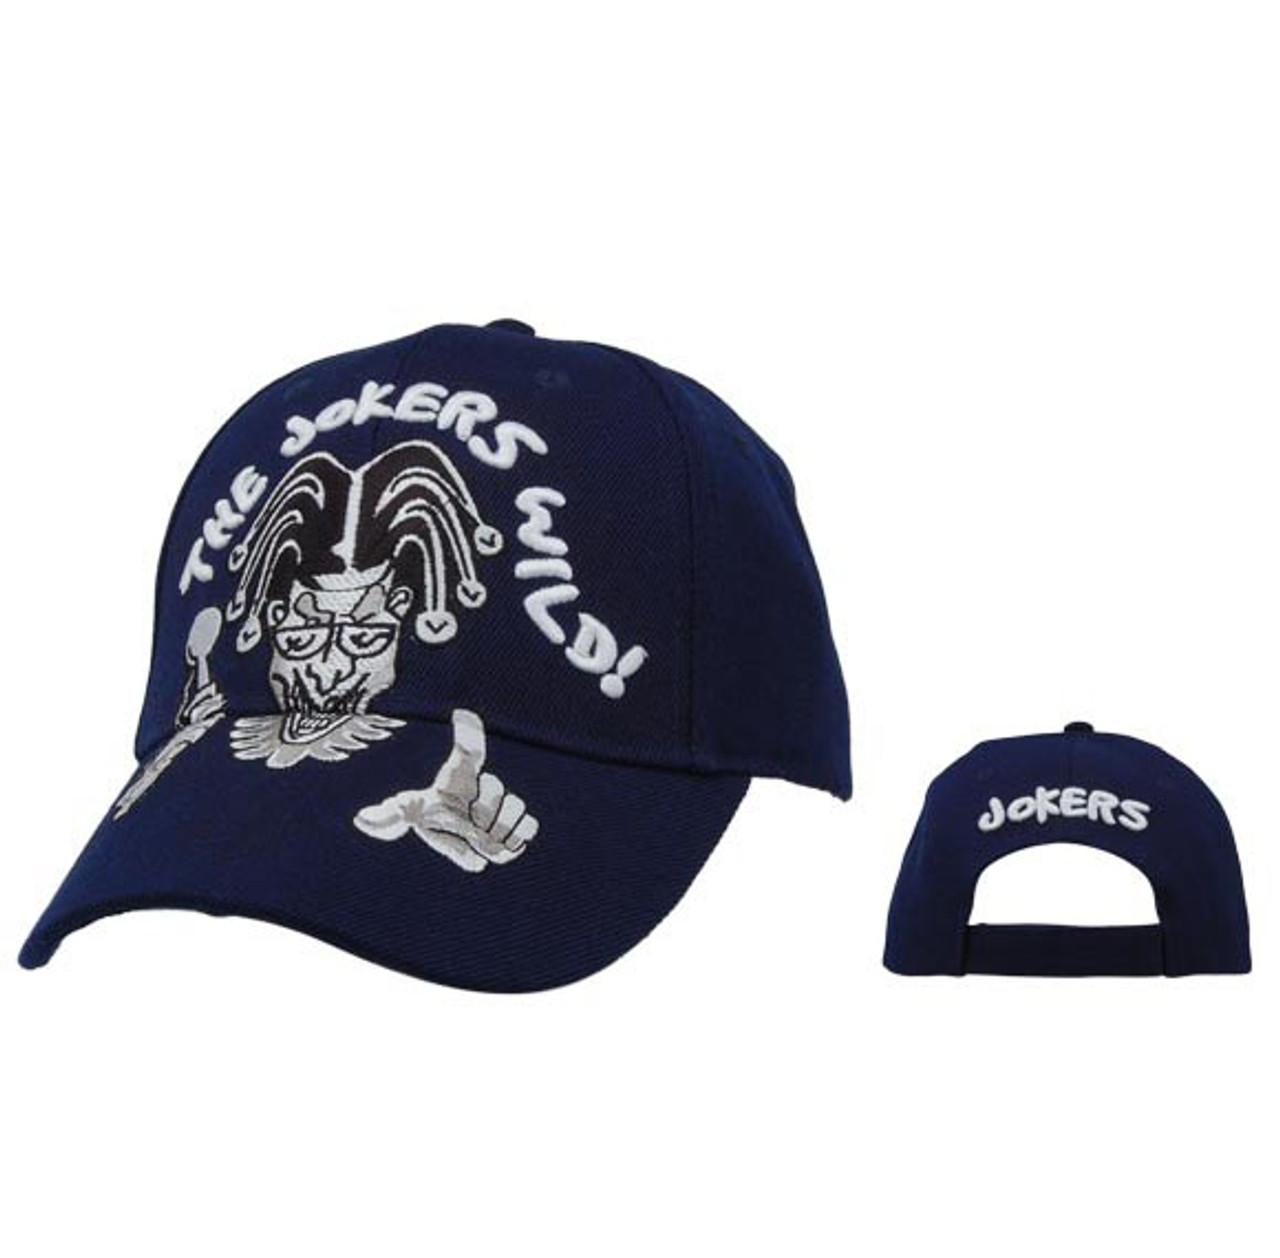 Blue Joker's Wild Wholesale Baseball Caps